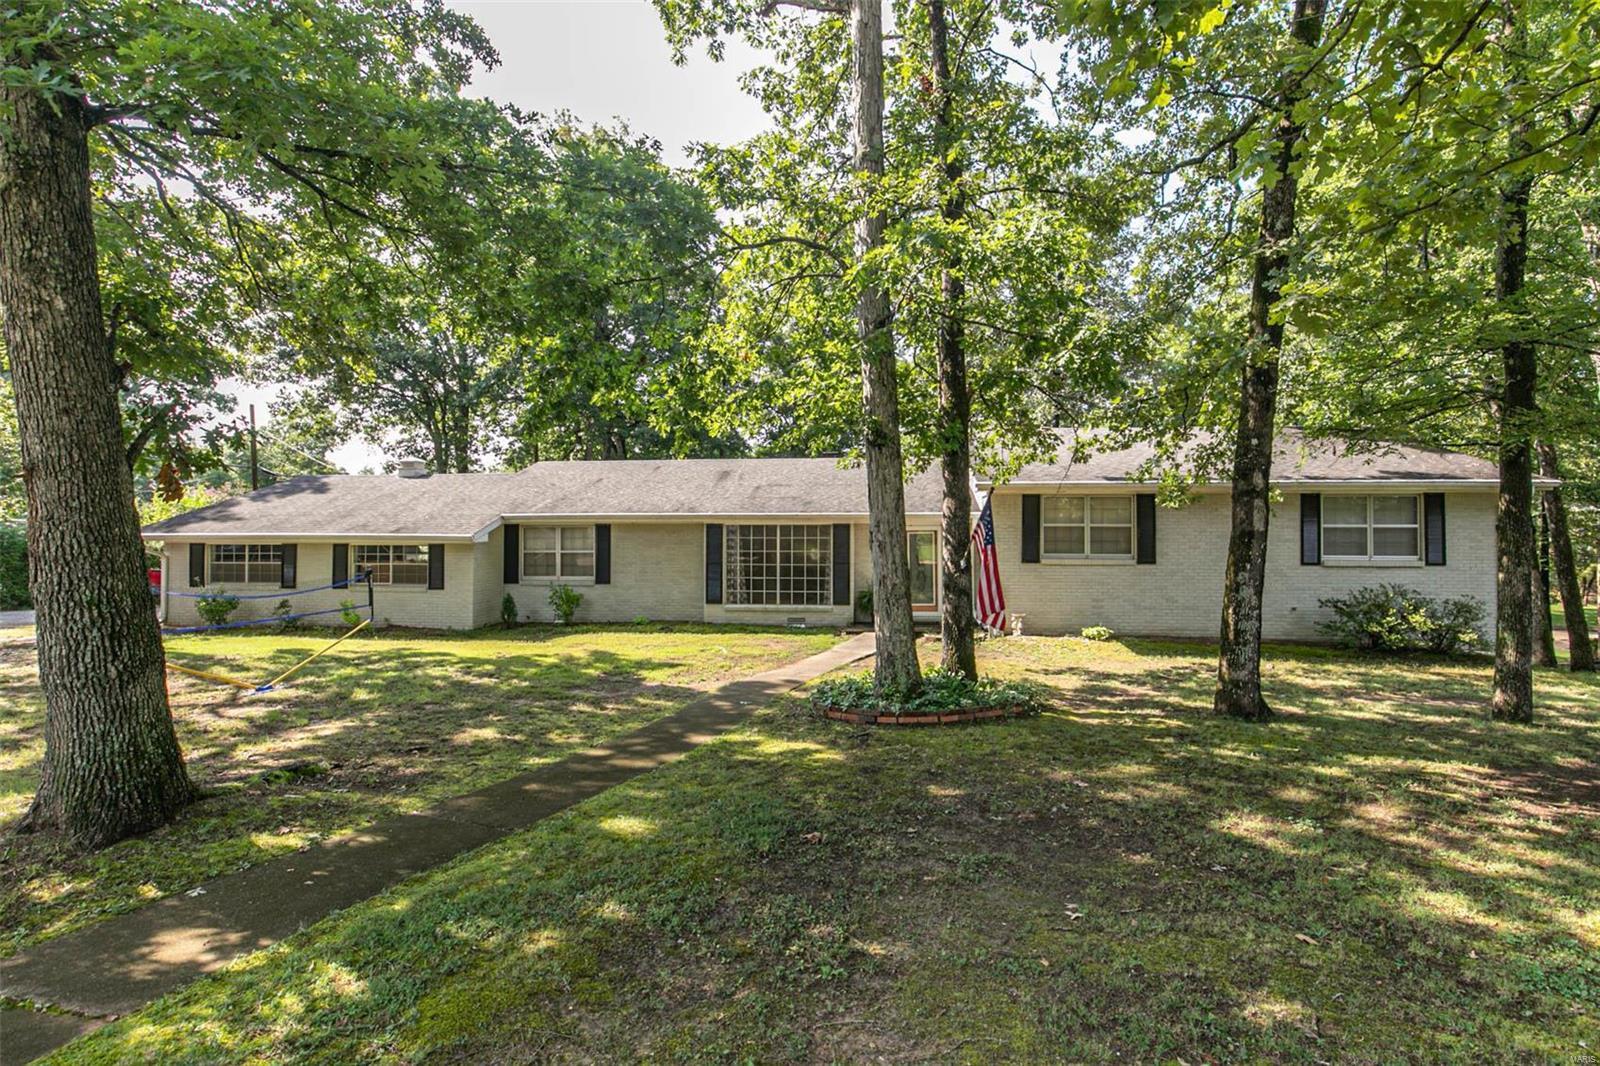 1520 Lynnwood Lane, Poplar Bluff, MO 63901